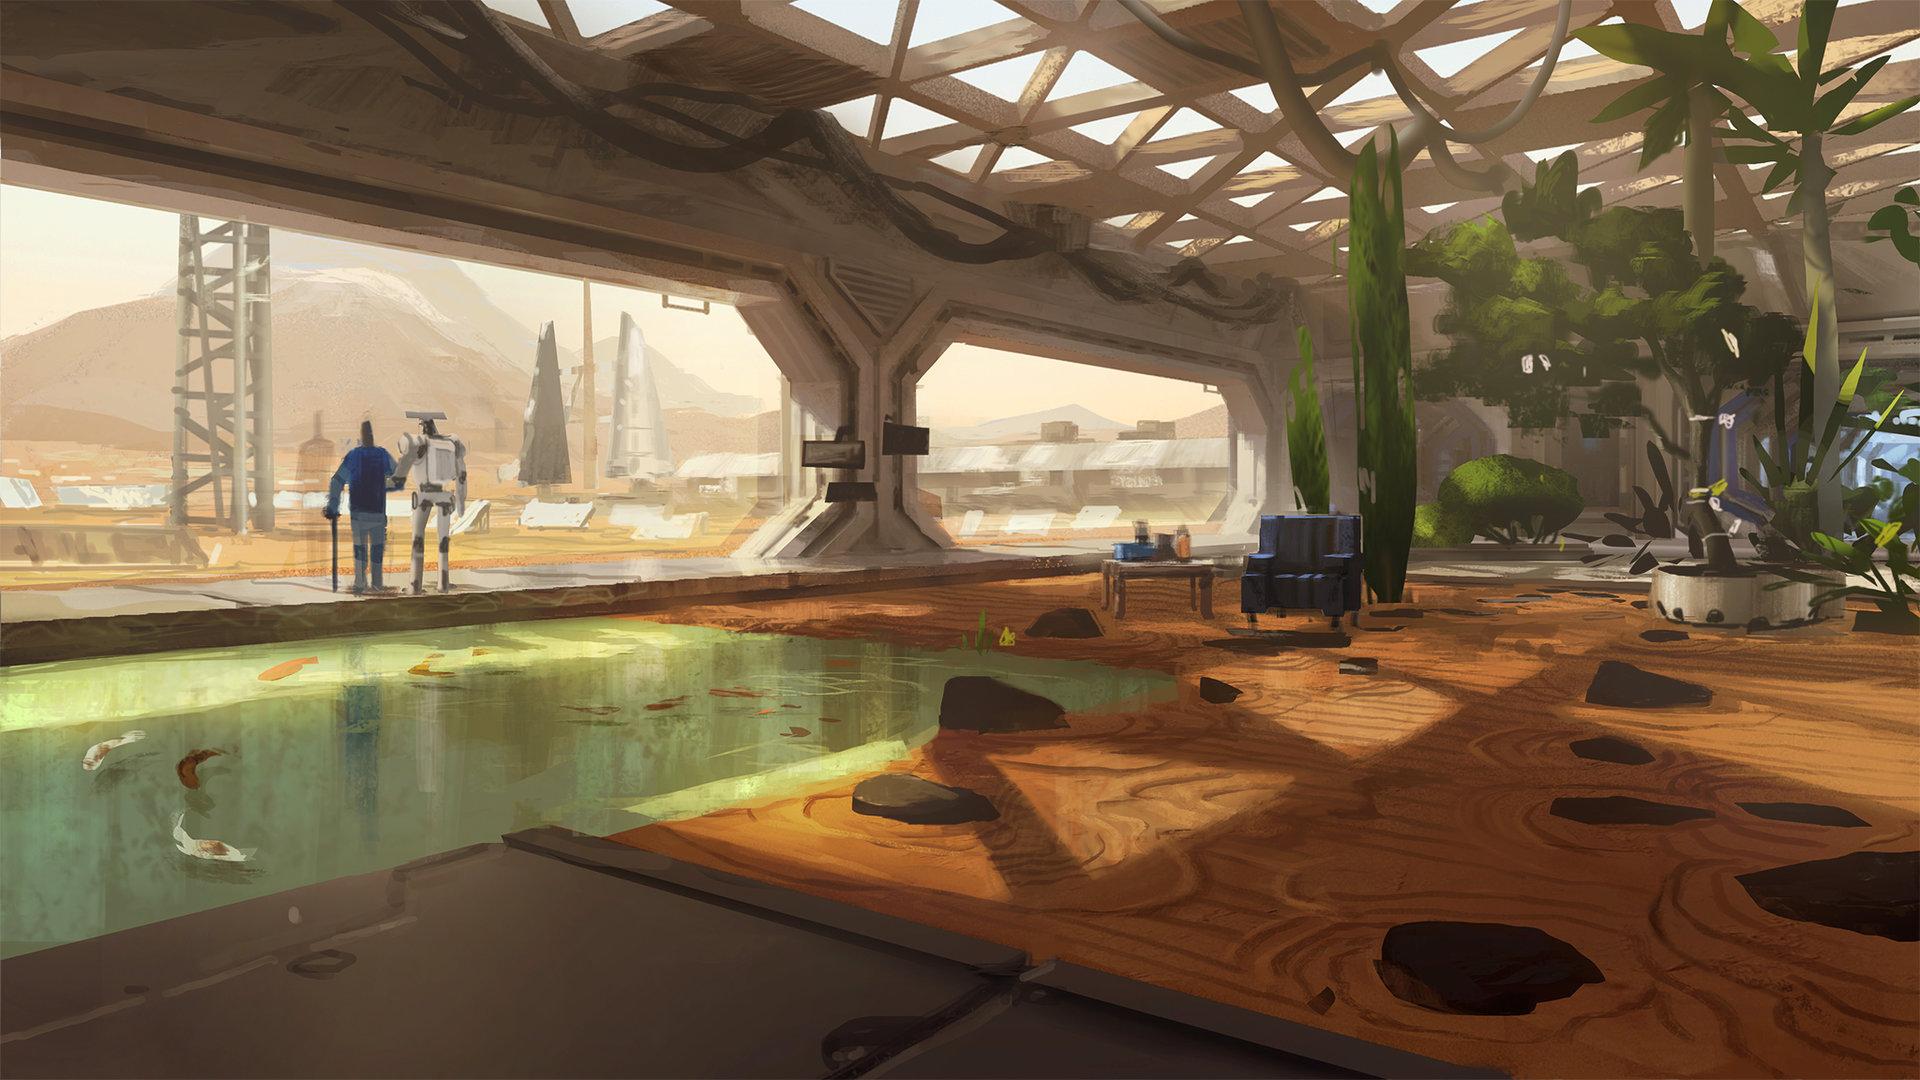 Mars Zen Garden